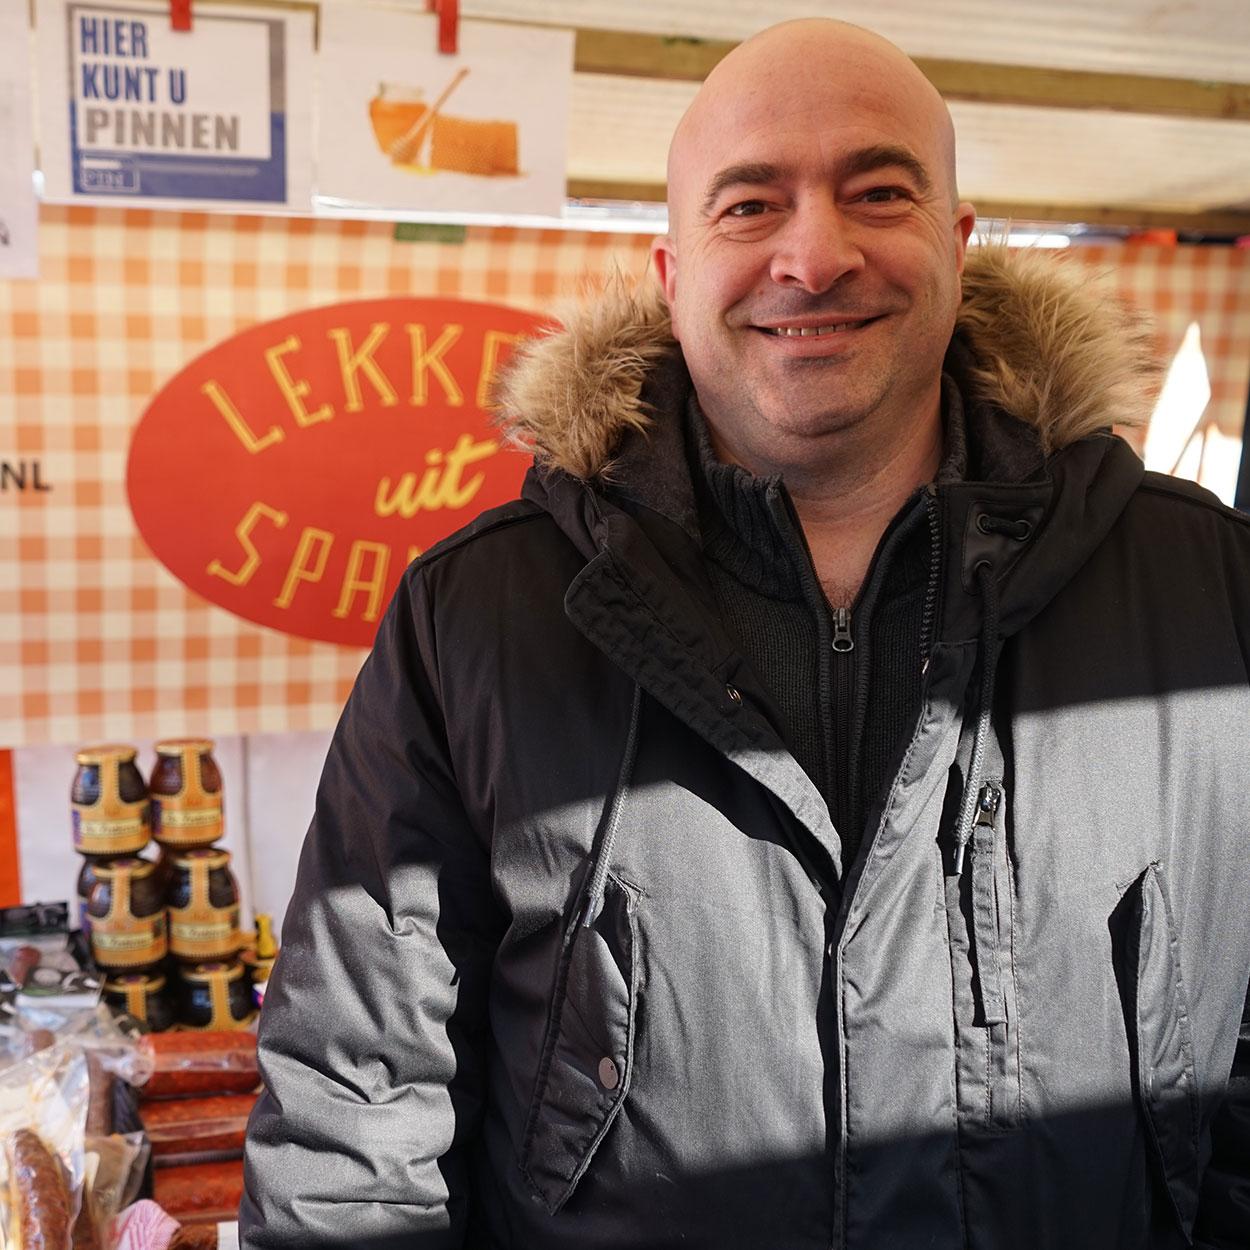 Crêped/Saucissed en Lekkers uit Spanje